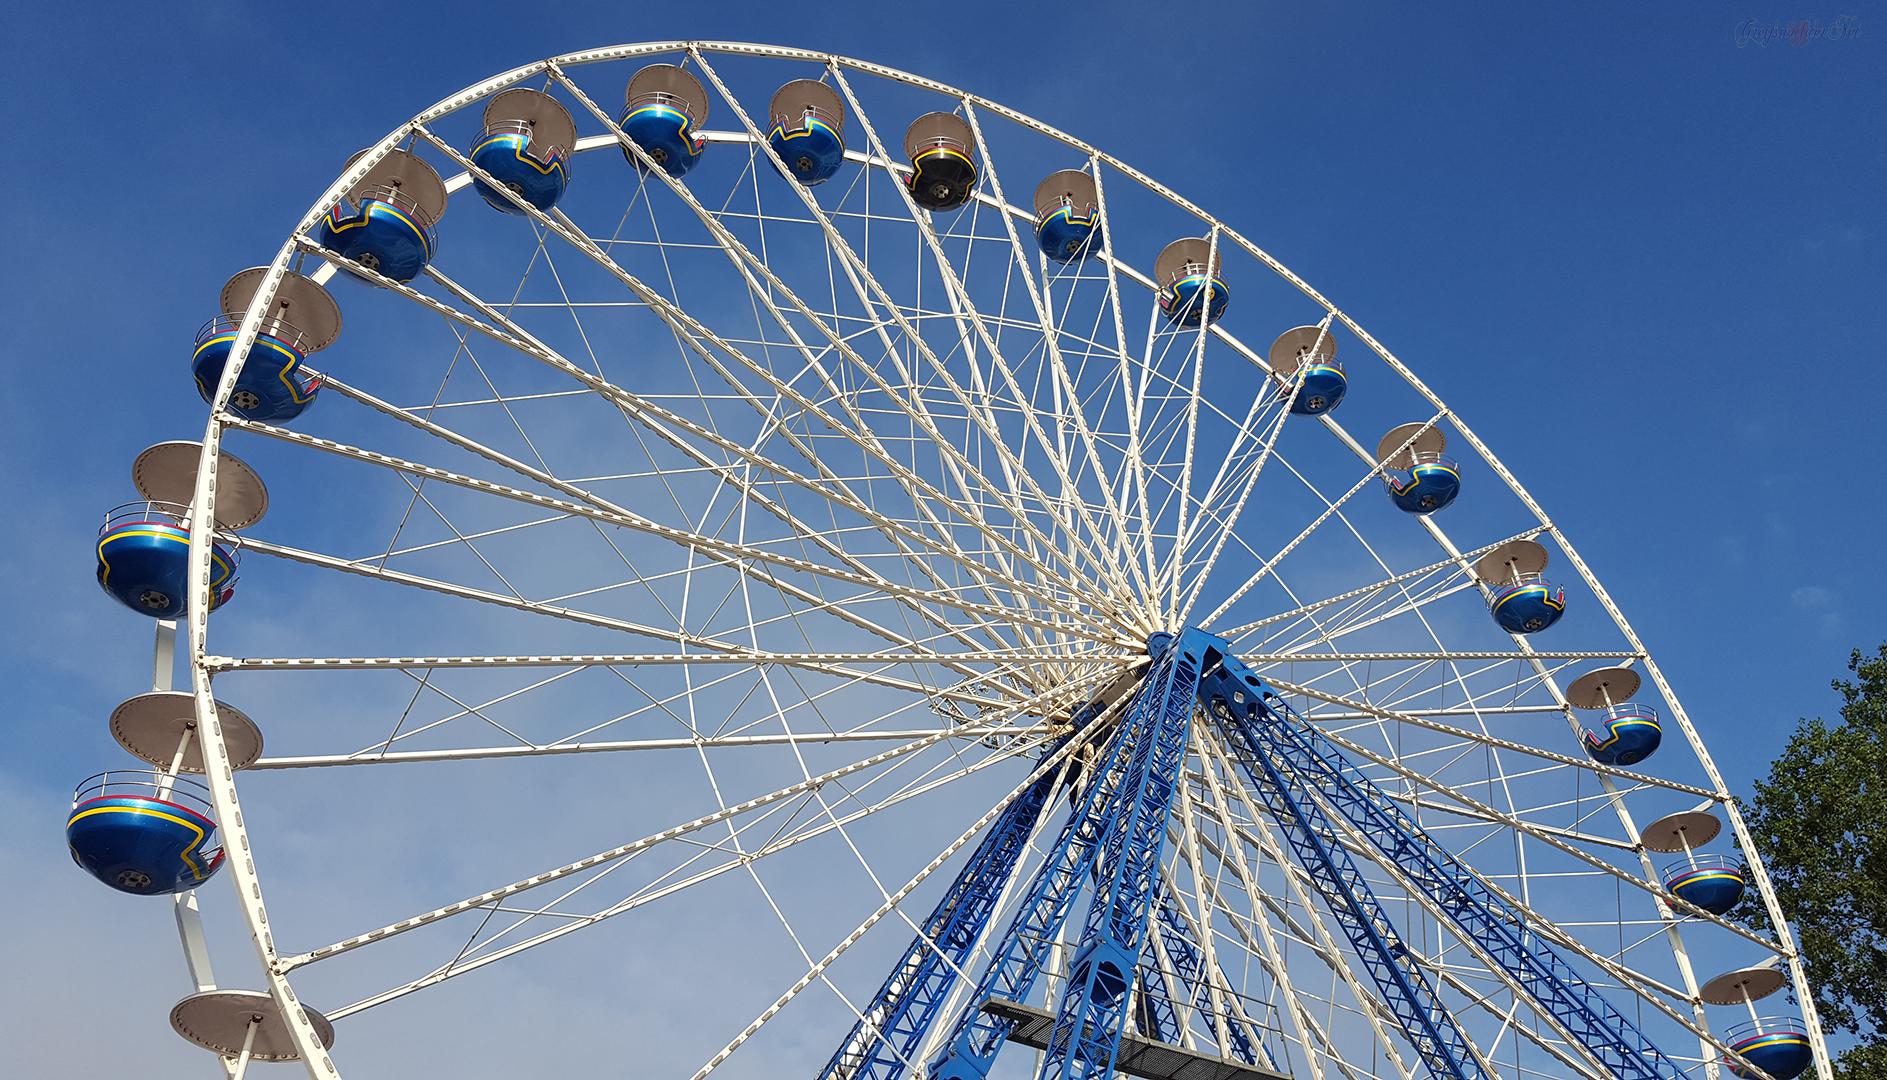 Riesenrad auf dem Fischerfest 2019 in Greifswald-Wieck